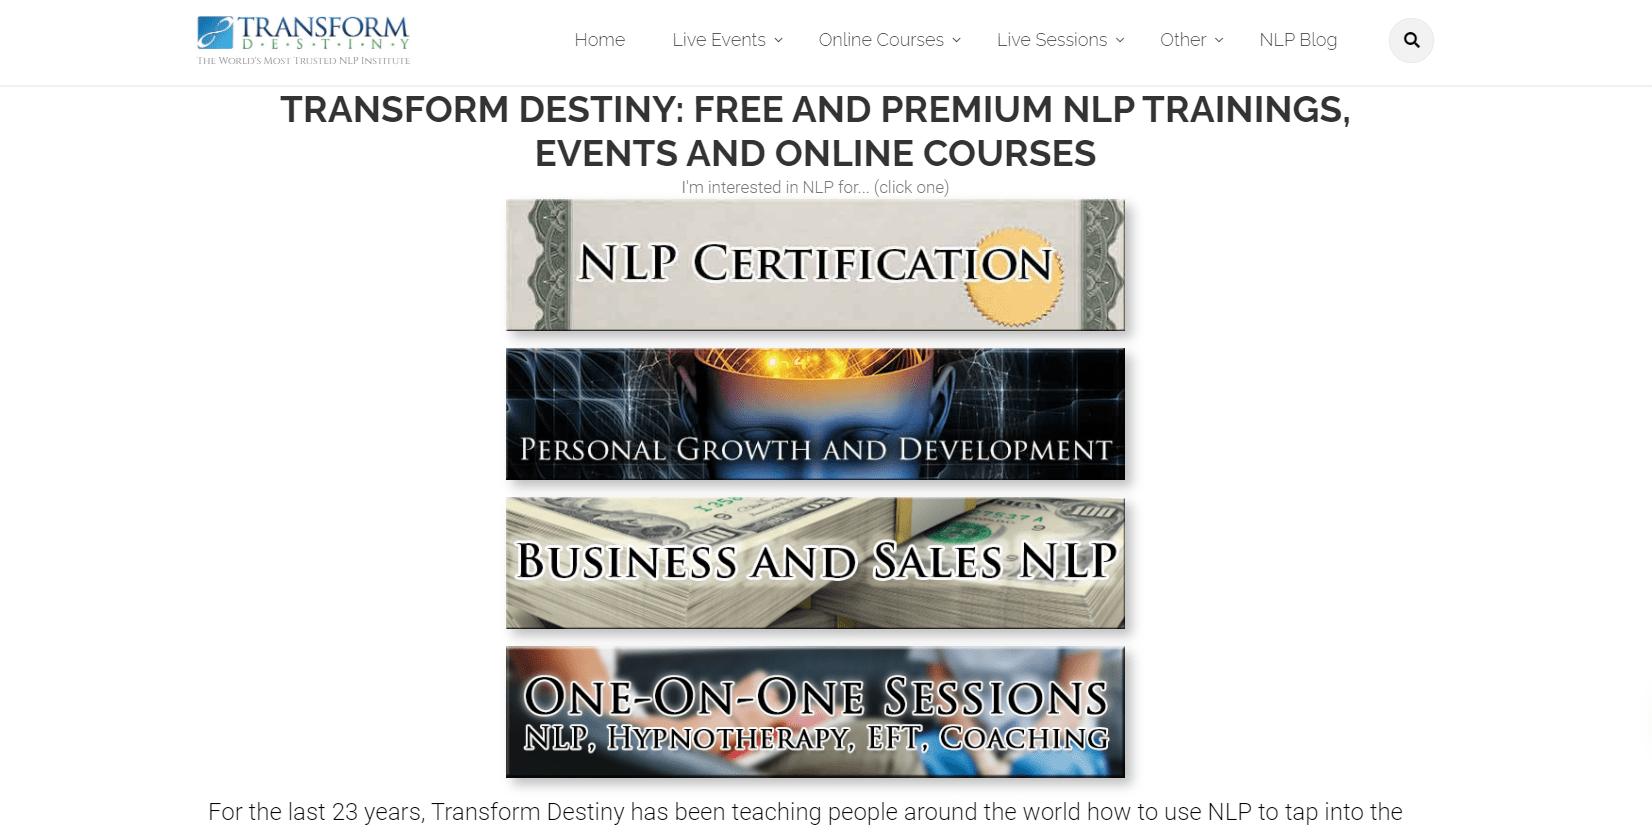 Best Best NLP Training Courses - Transform Destiny